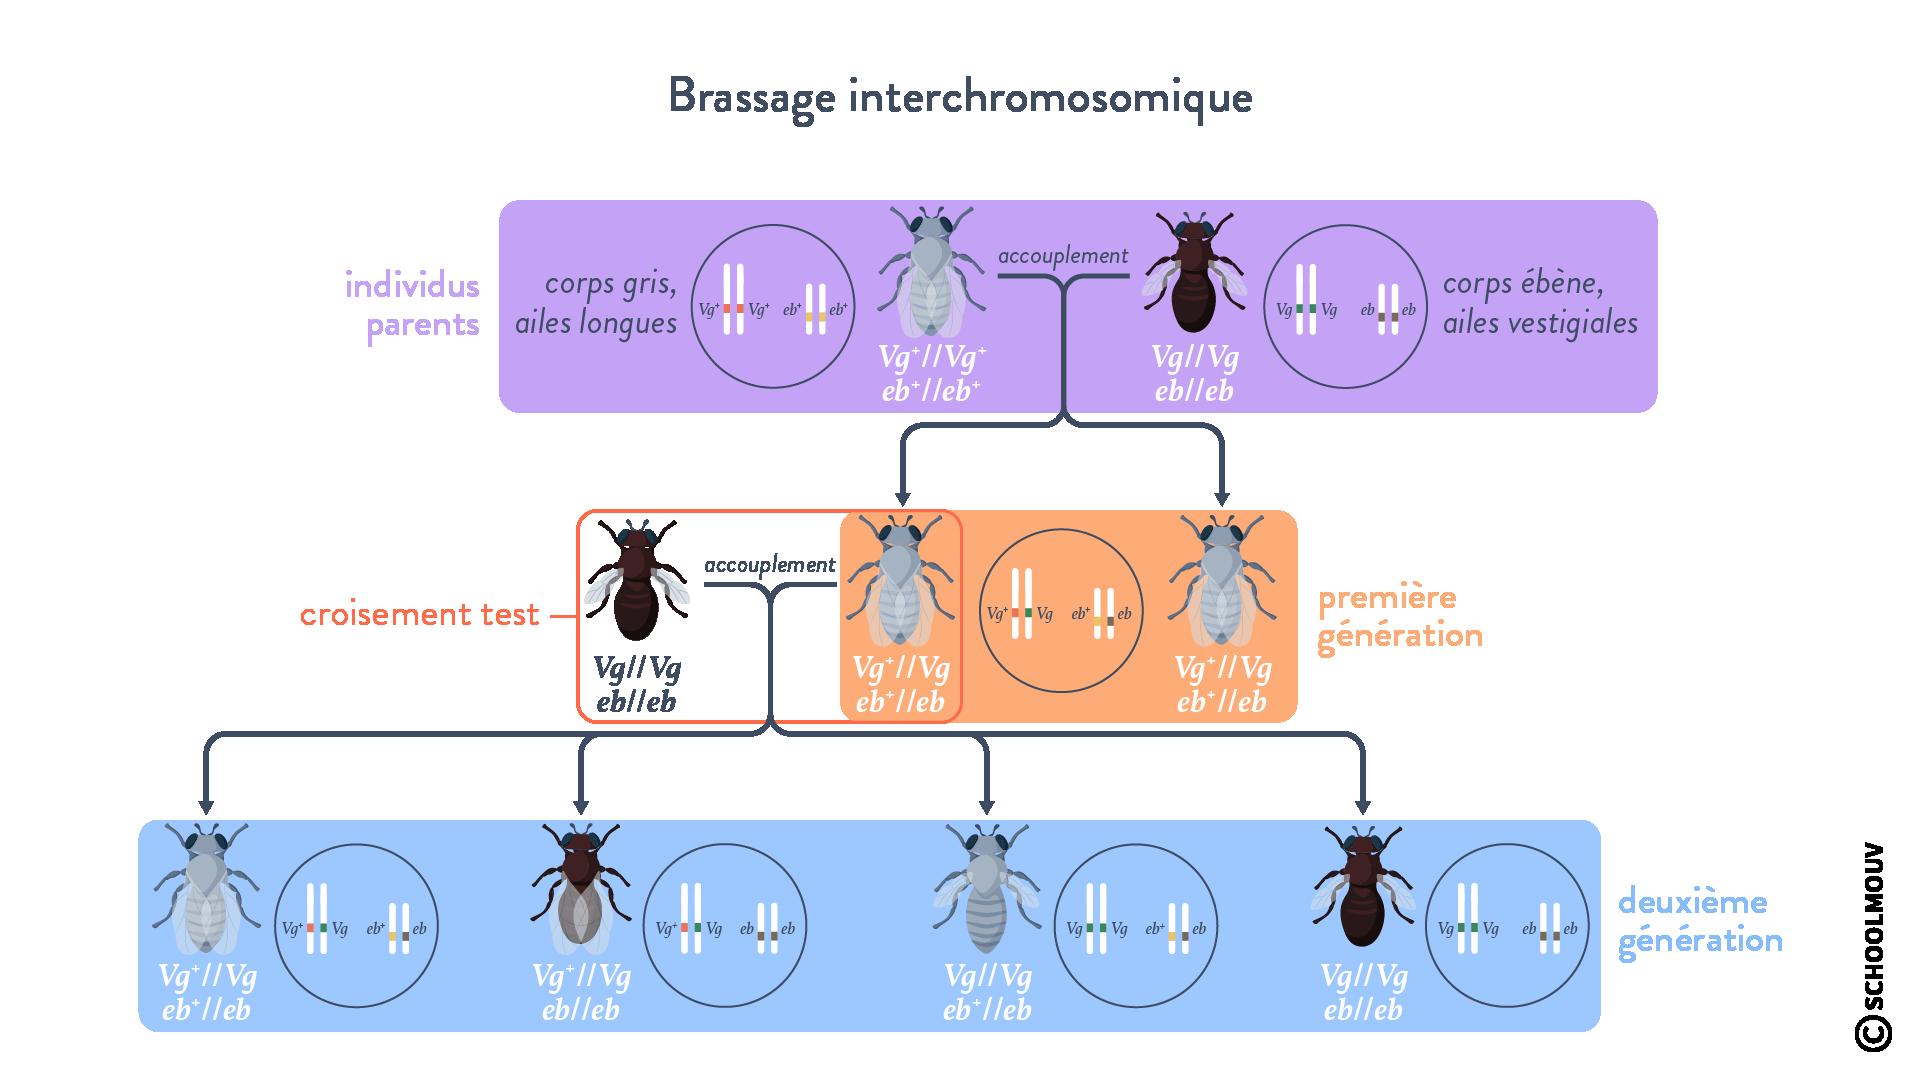 Schéma bilan et représentation sous la forme d'un échiquier de croisement: cas du brassage interchromosomique